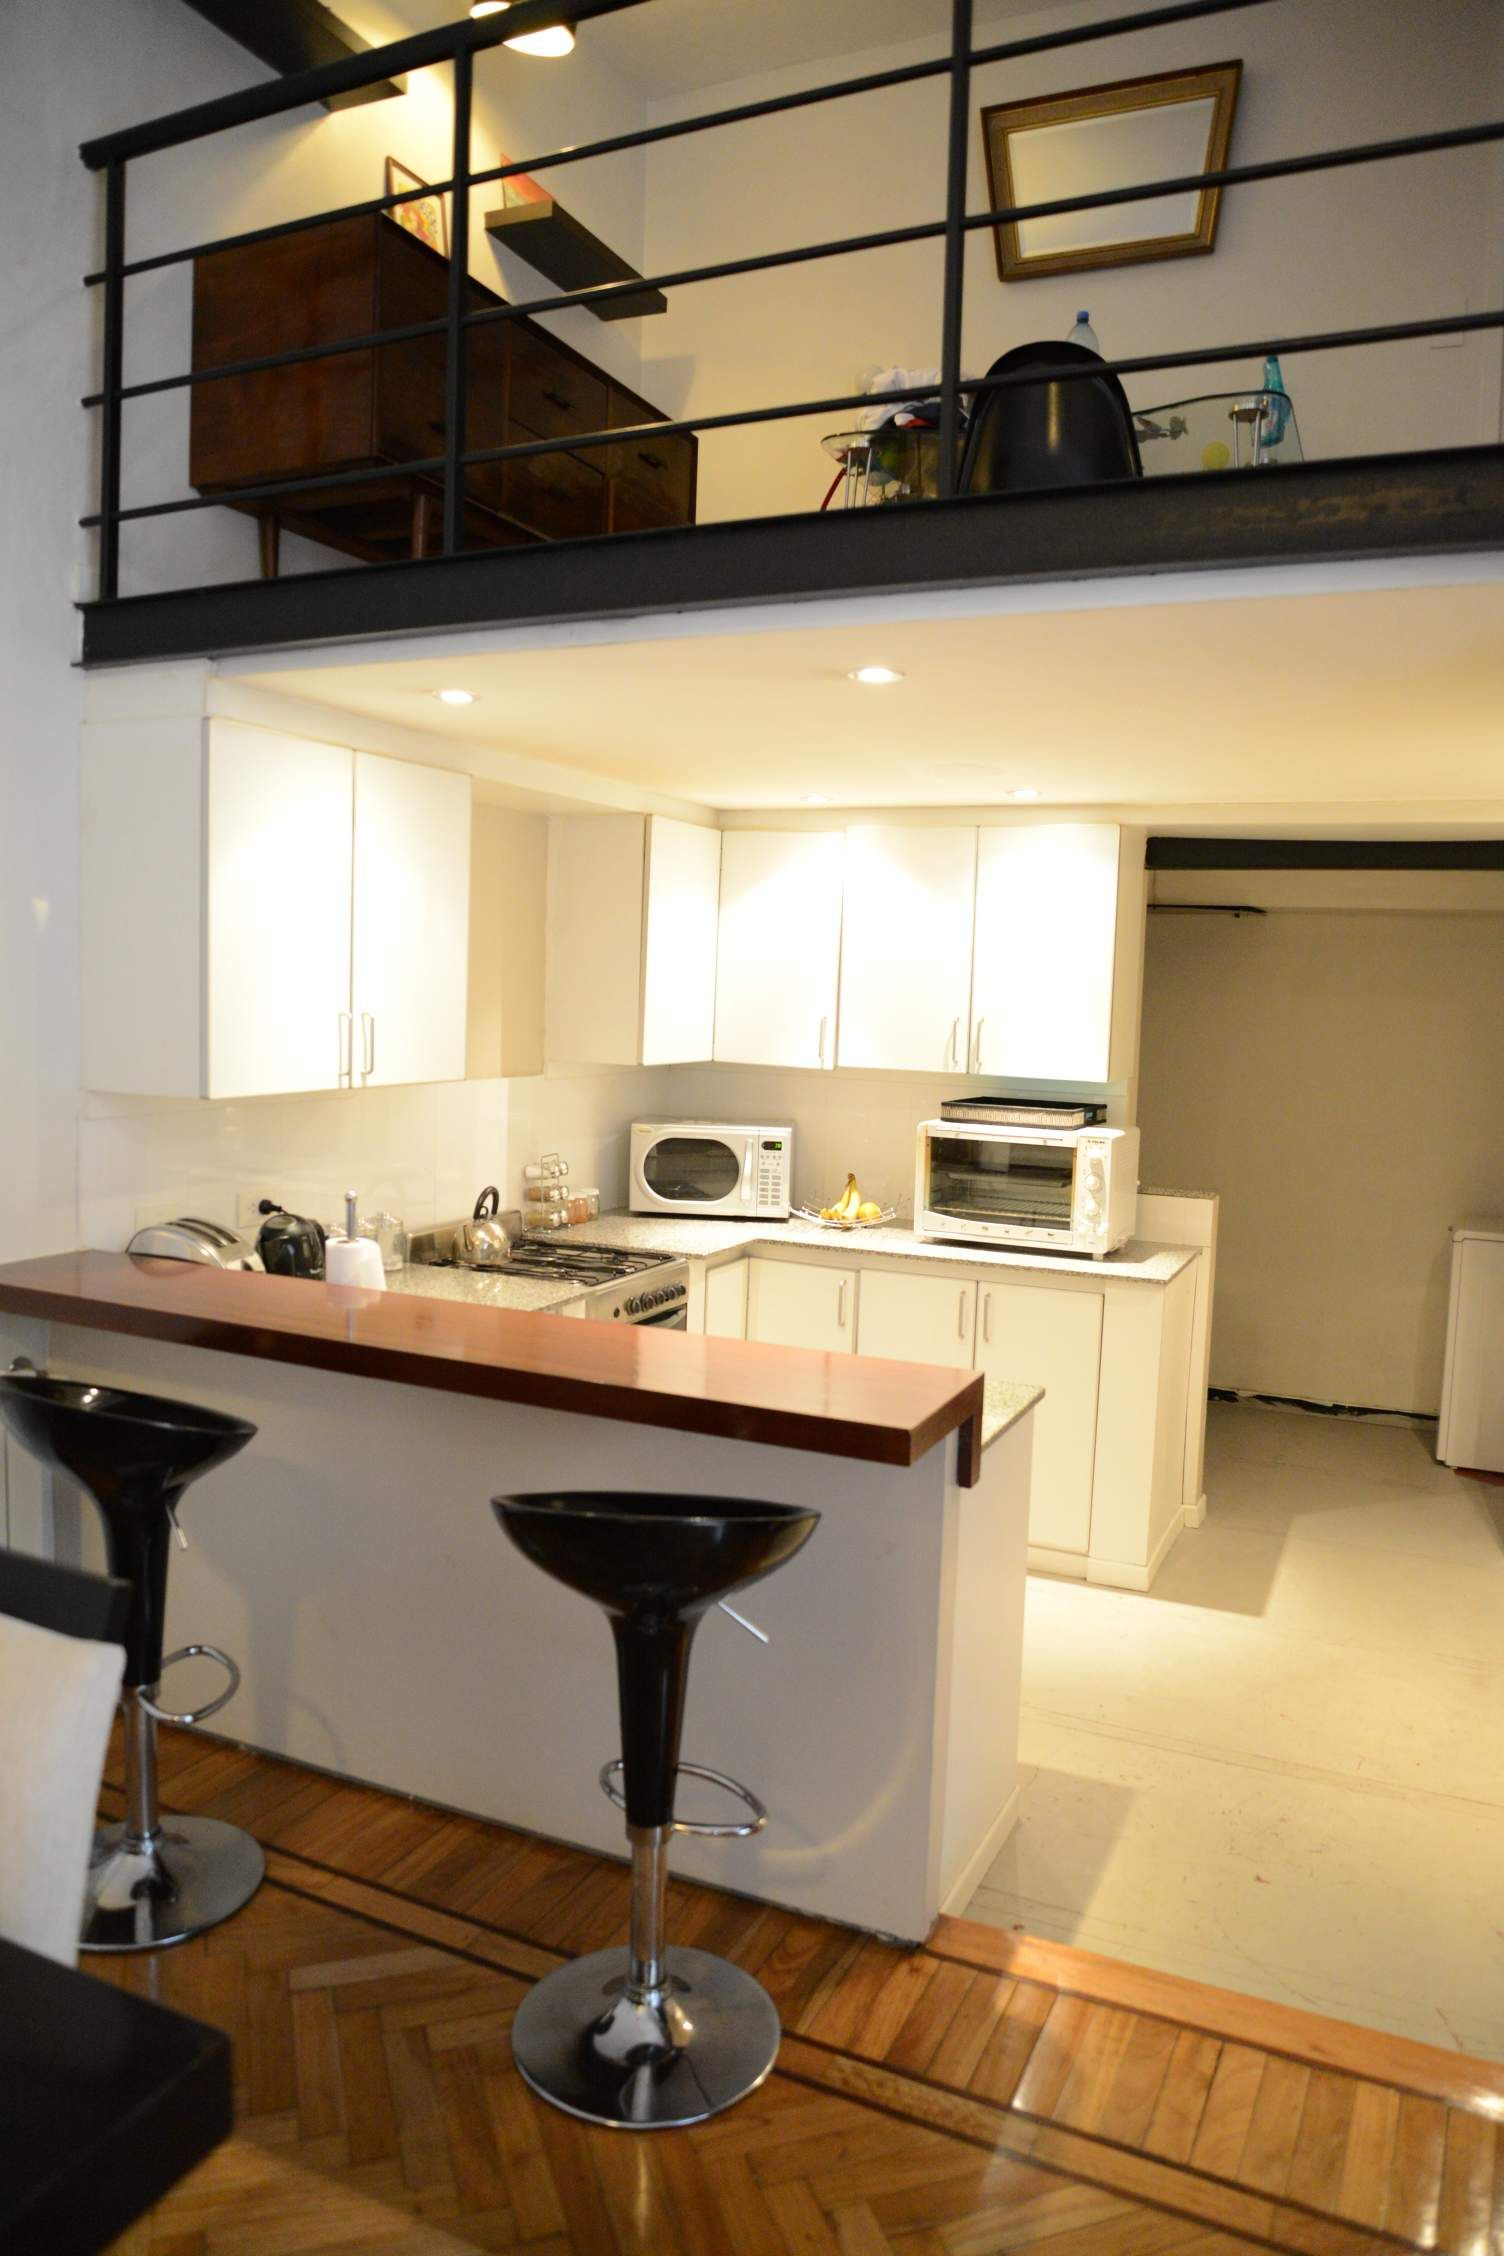 Desayunador casa pinterest cocinas almacenamiento for Desayunador para cocina